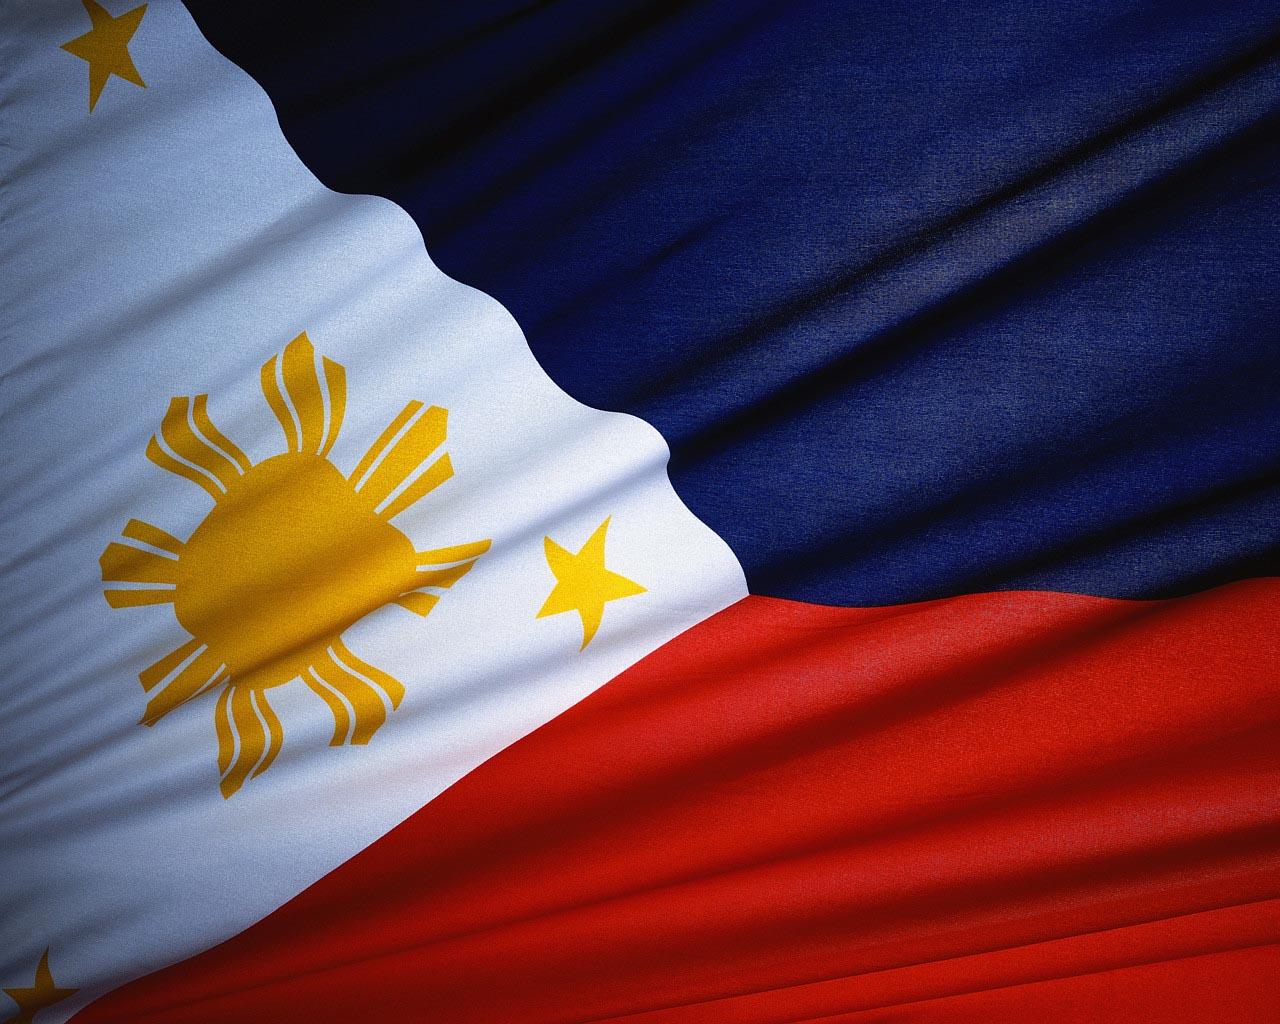 http://4.bp.blogspot.com/_Cc3gulUhlvs/TPX_9jh1sxI/AAAAAAAACyc/-RlqTB3FdiA/s1600/bendera-philippines.jpg